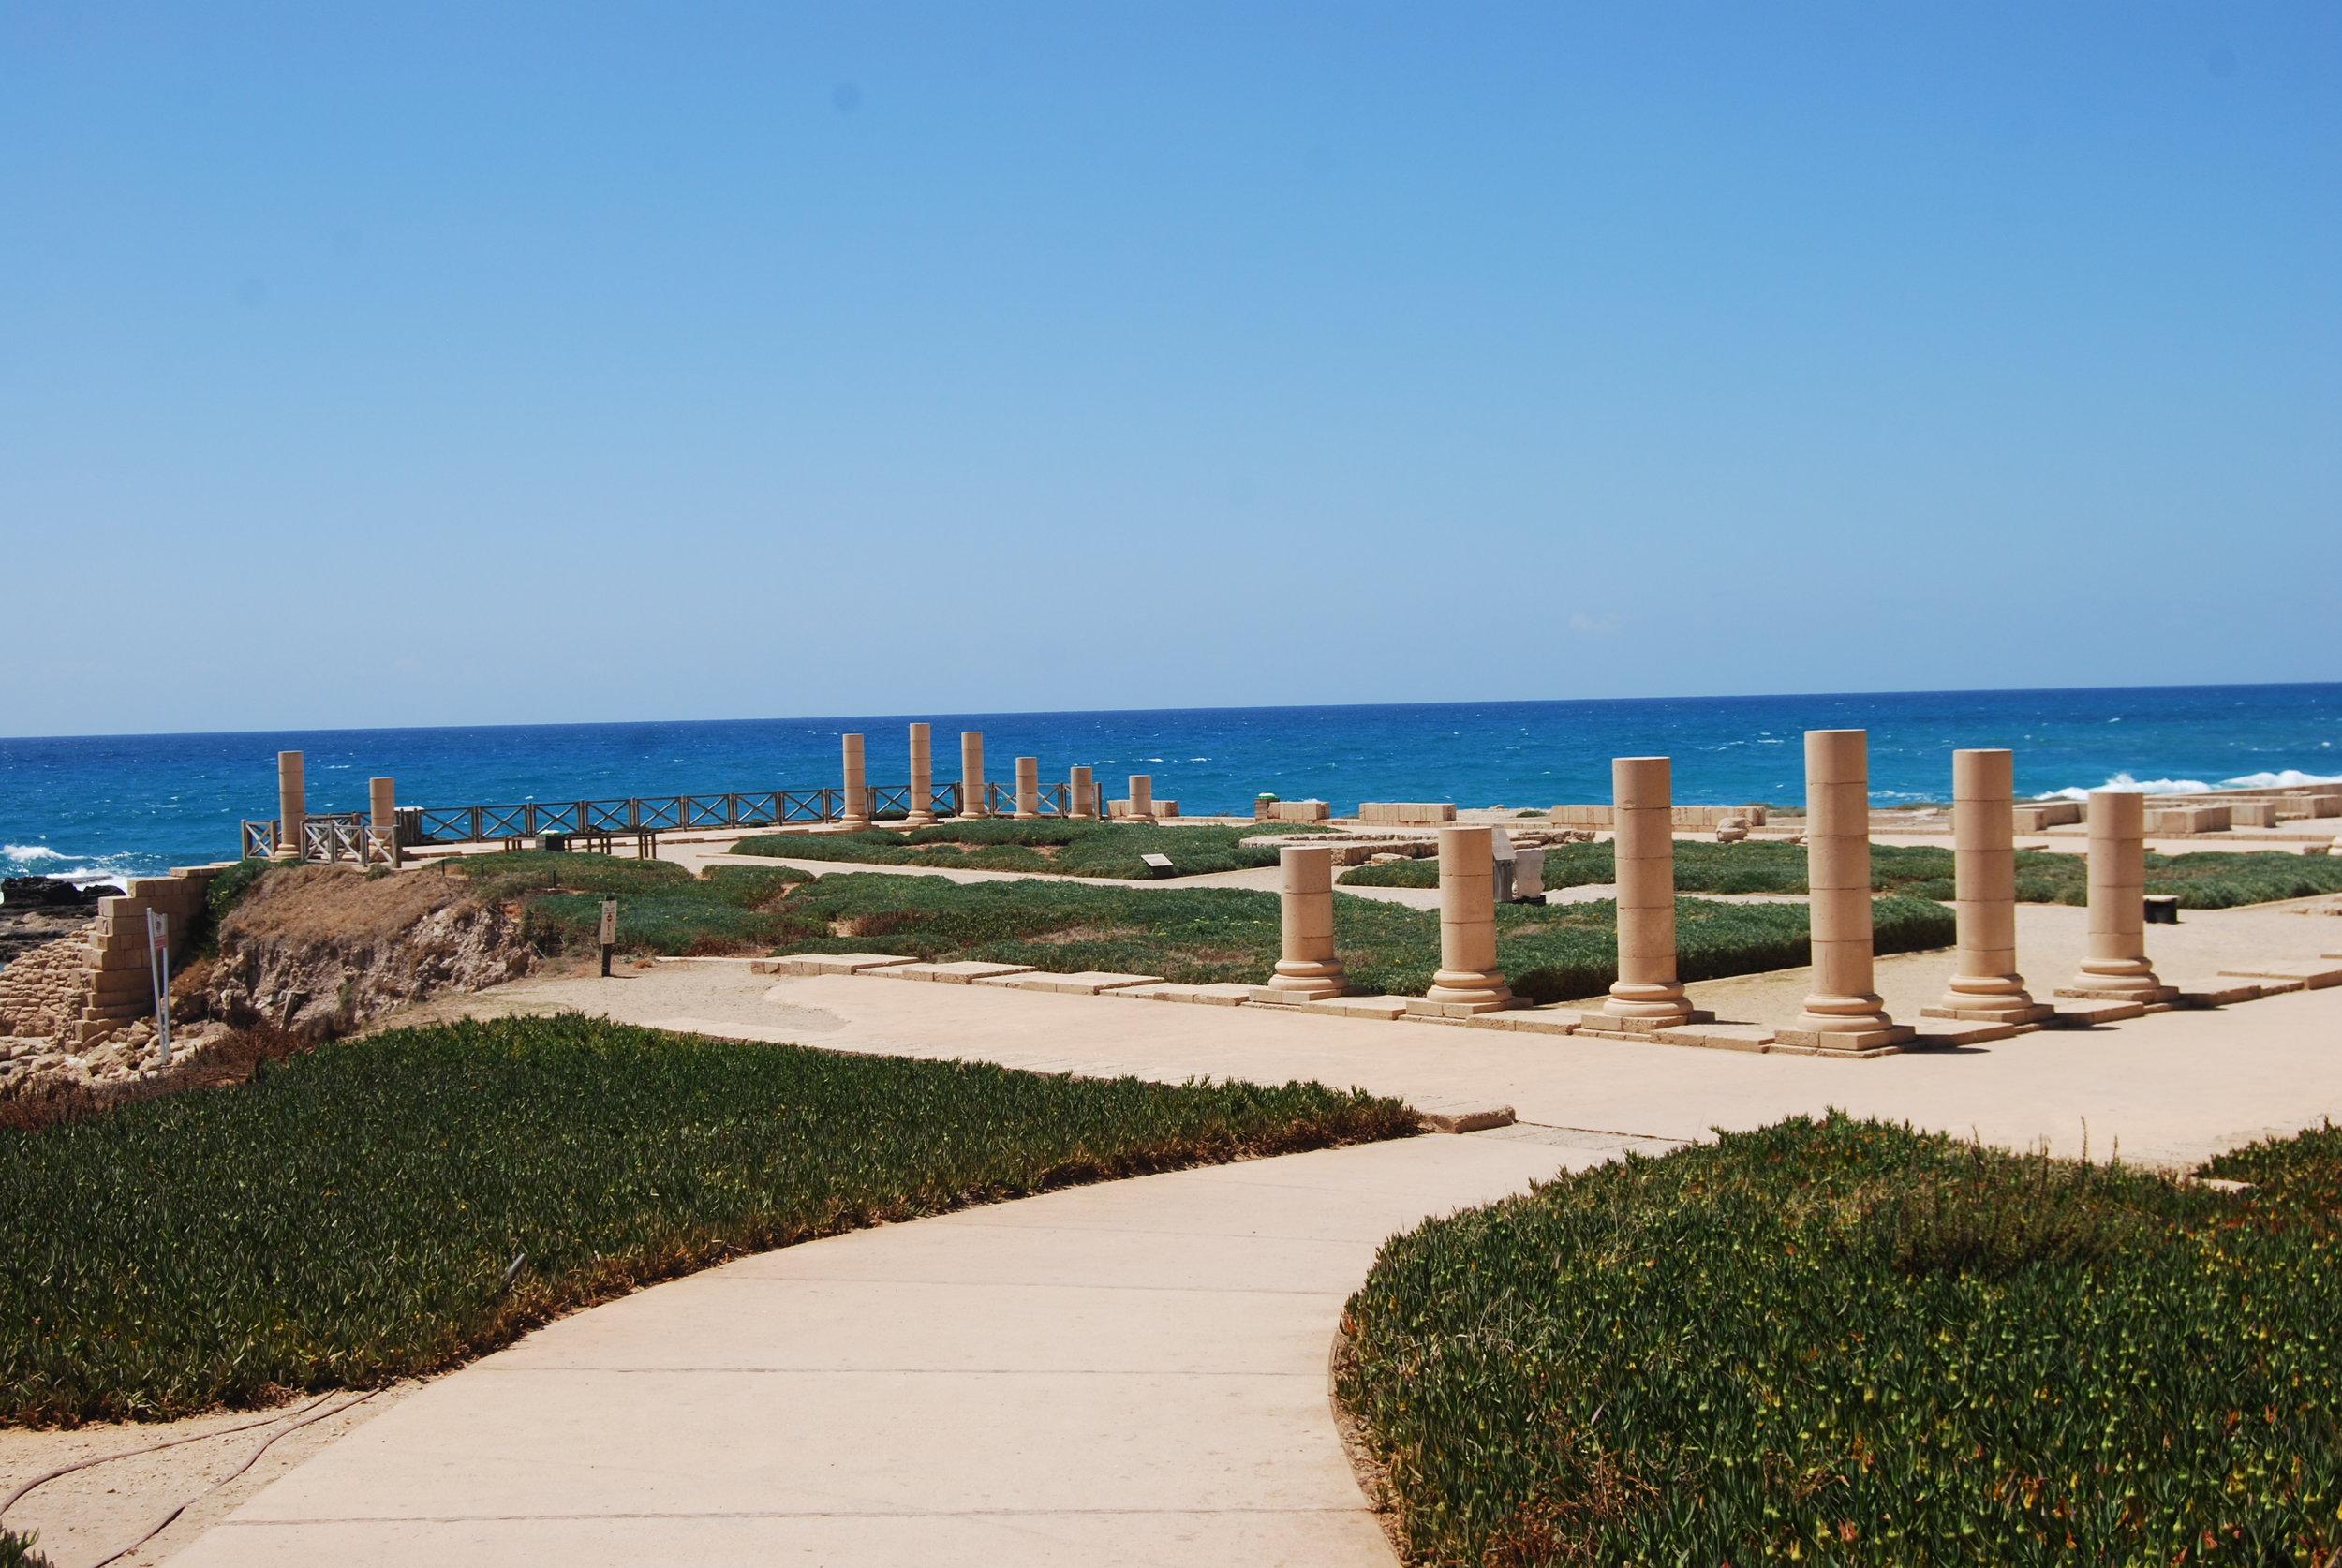 King Herod's palace at Caesarea Maritima.